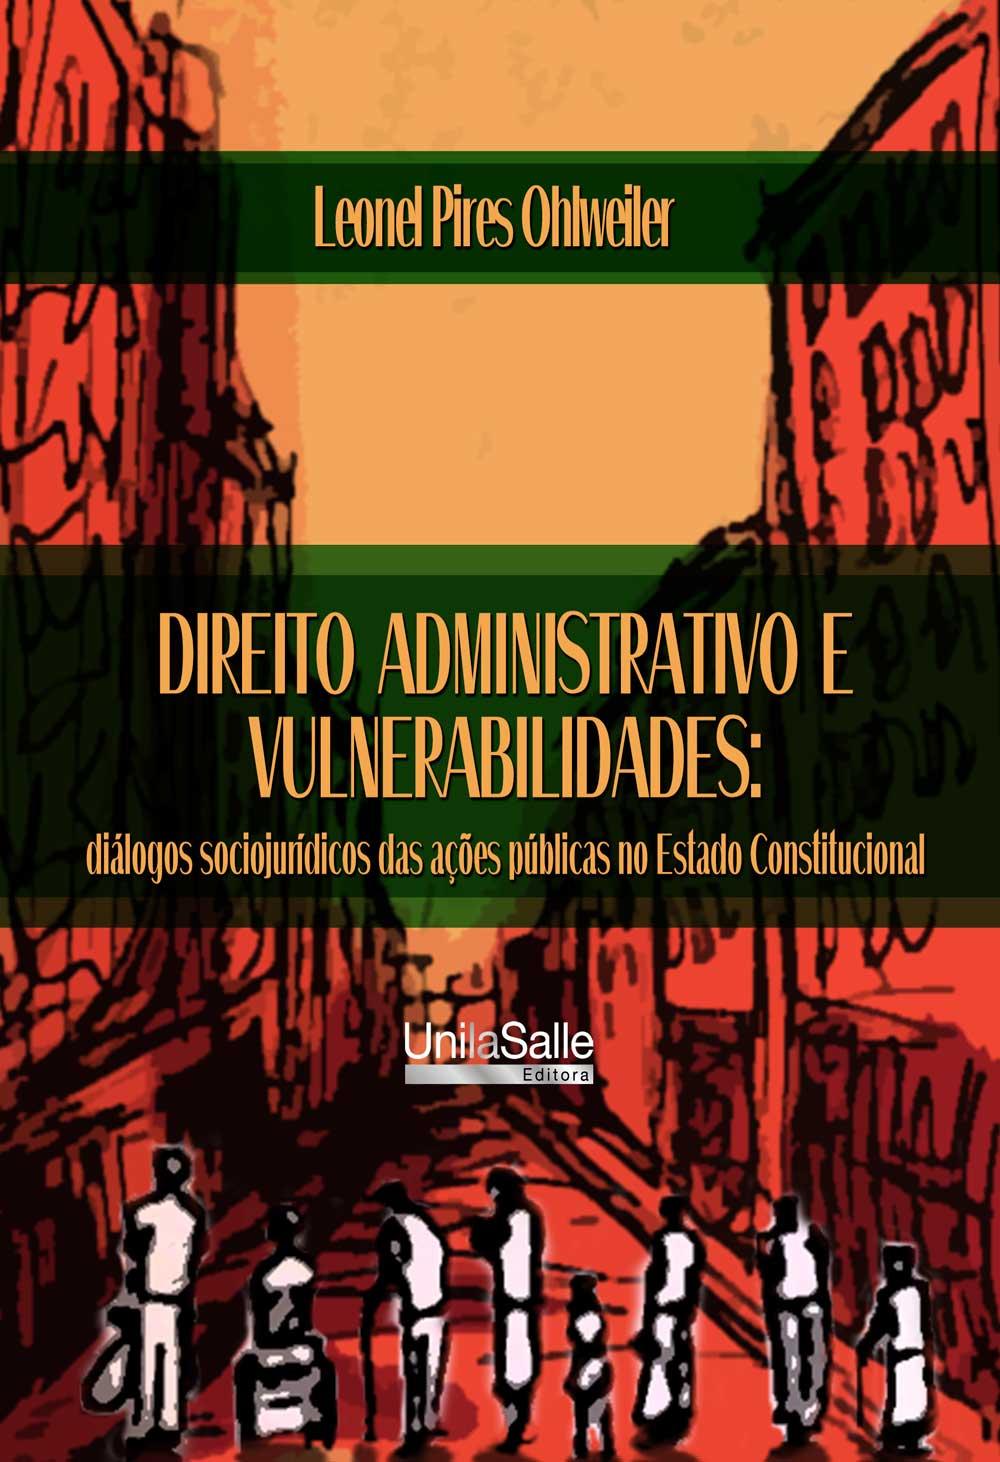 Direito administrativo e vulnerabilidades: diálogos sociojurídicos das ações públicas no estado constitucional